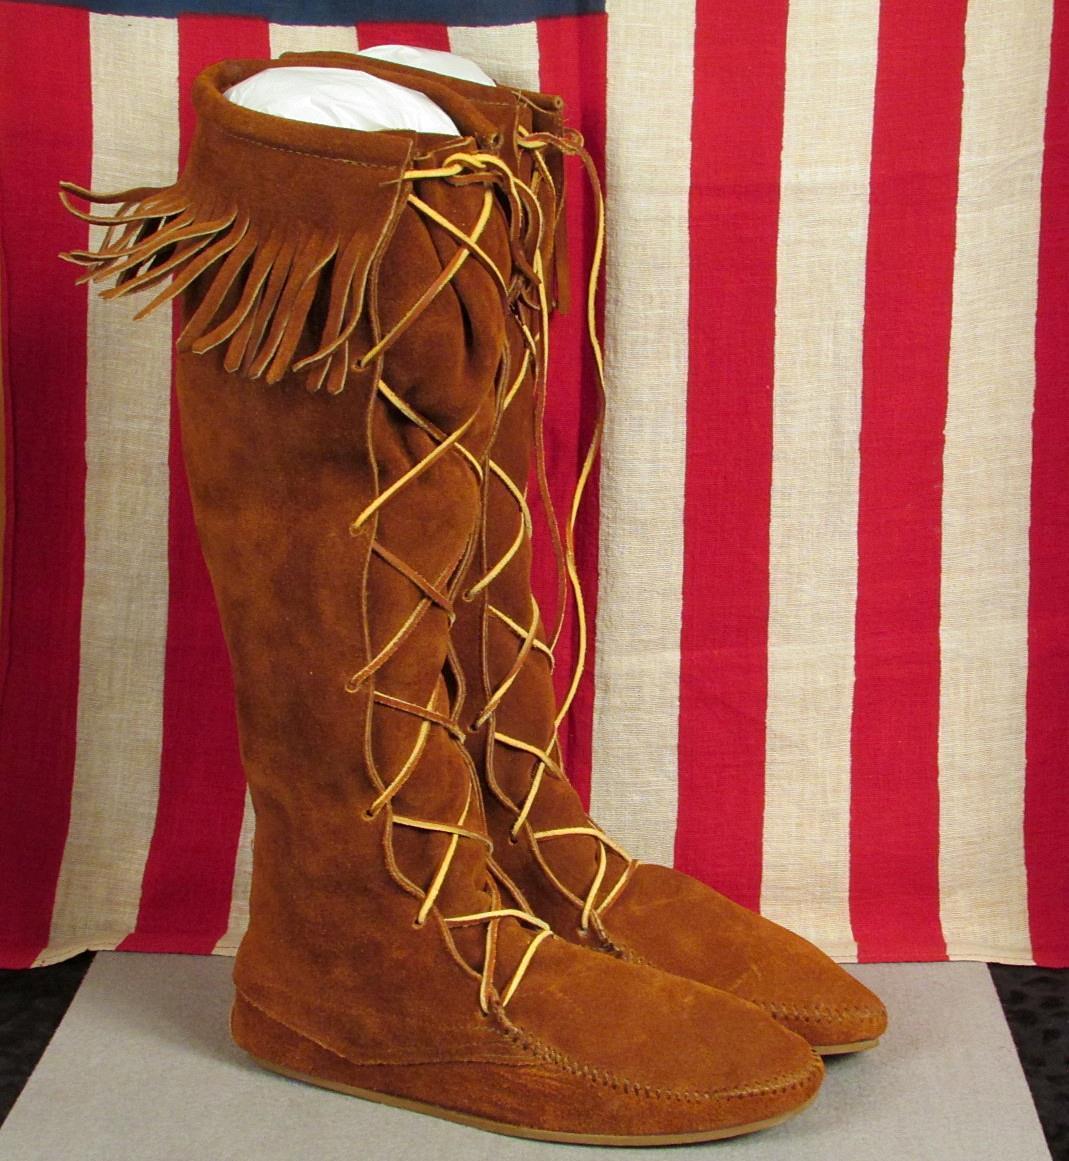 Vintage Mujeres Cuero Marrón botas Altas Hasta La Rodilla Alta Mocasín Con Flecos Nuevo Viejo Stock talla.9 Nuevo